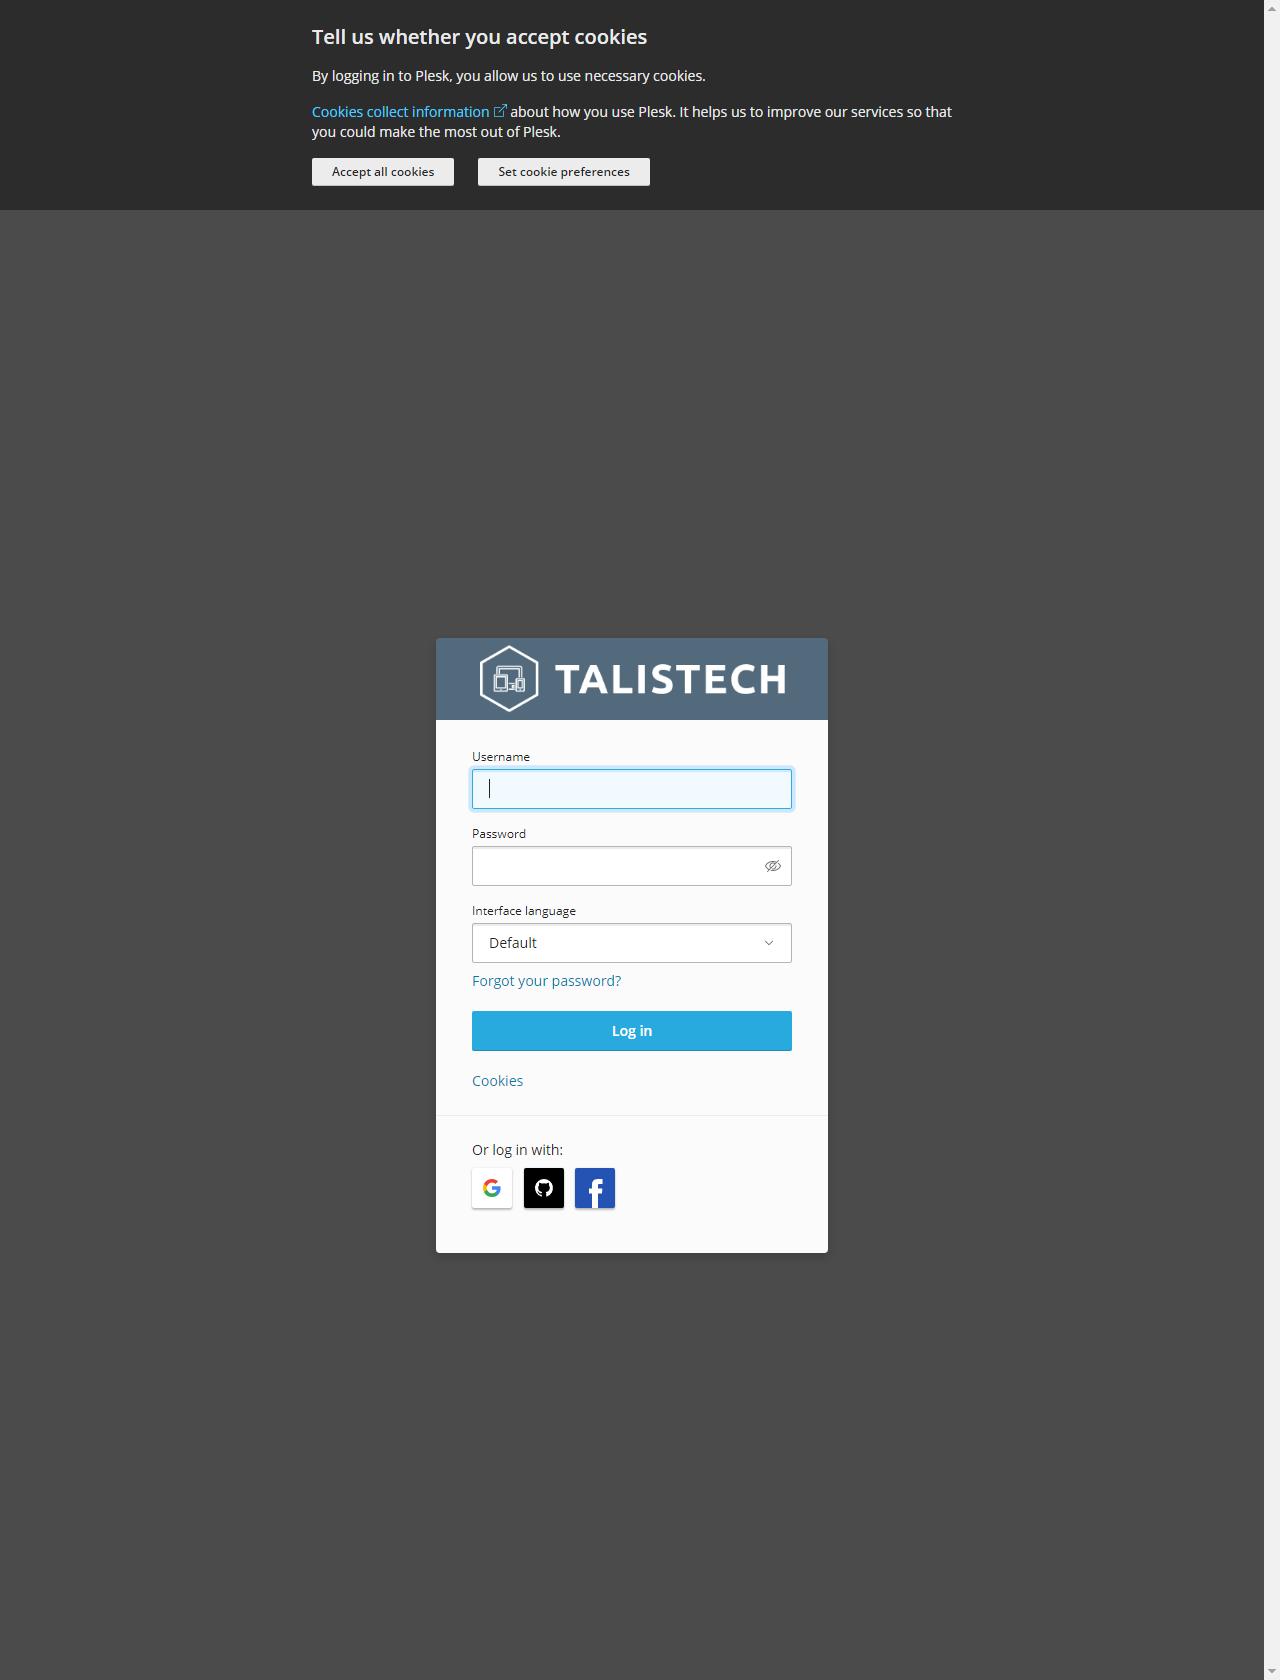 Screenshot Desktop - https://sv1.talistech.cloud/login_up.php?success_redirect_url=%2F